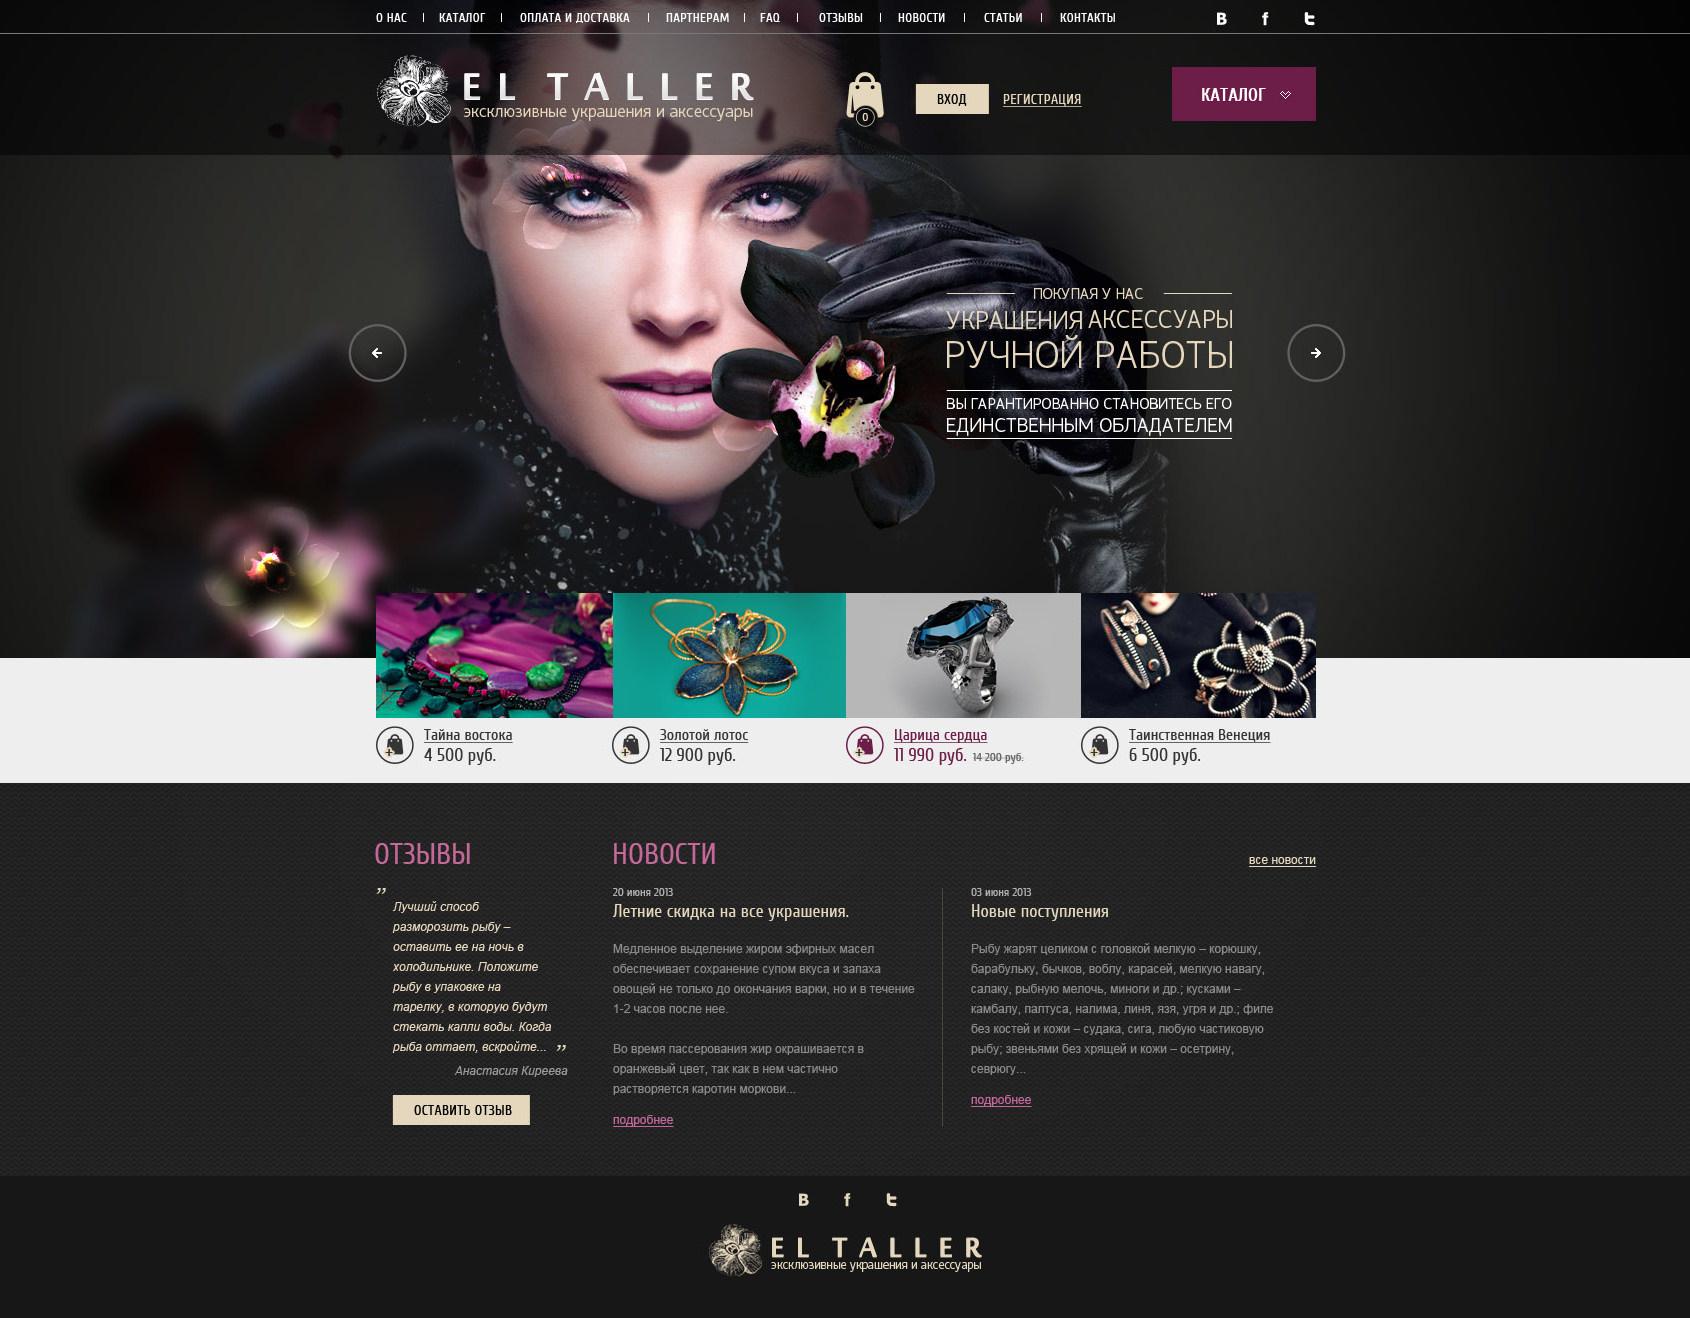 Интернет – магазин эксклюзивных украшений и аксессуаров «EL TALLER»